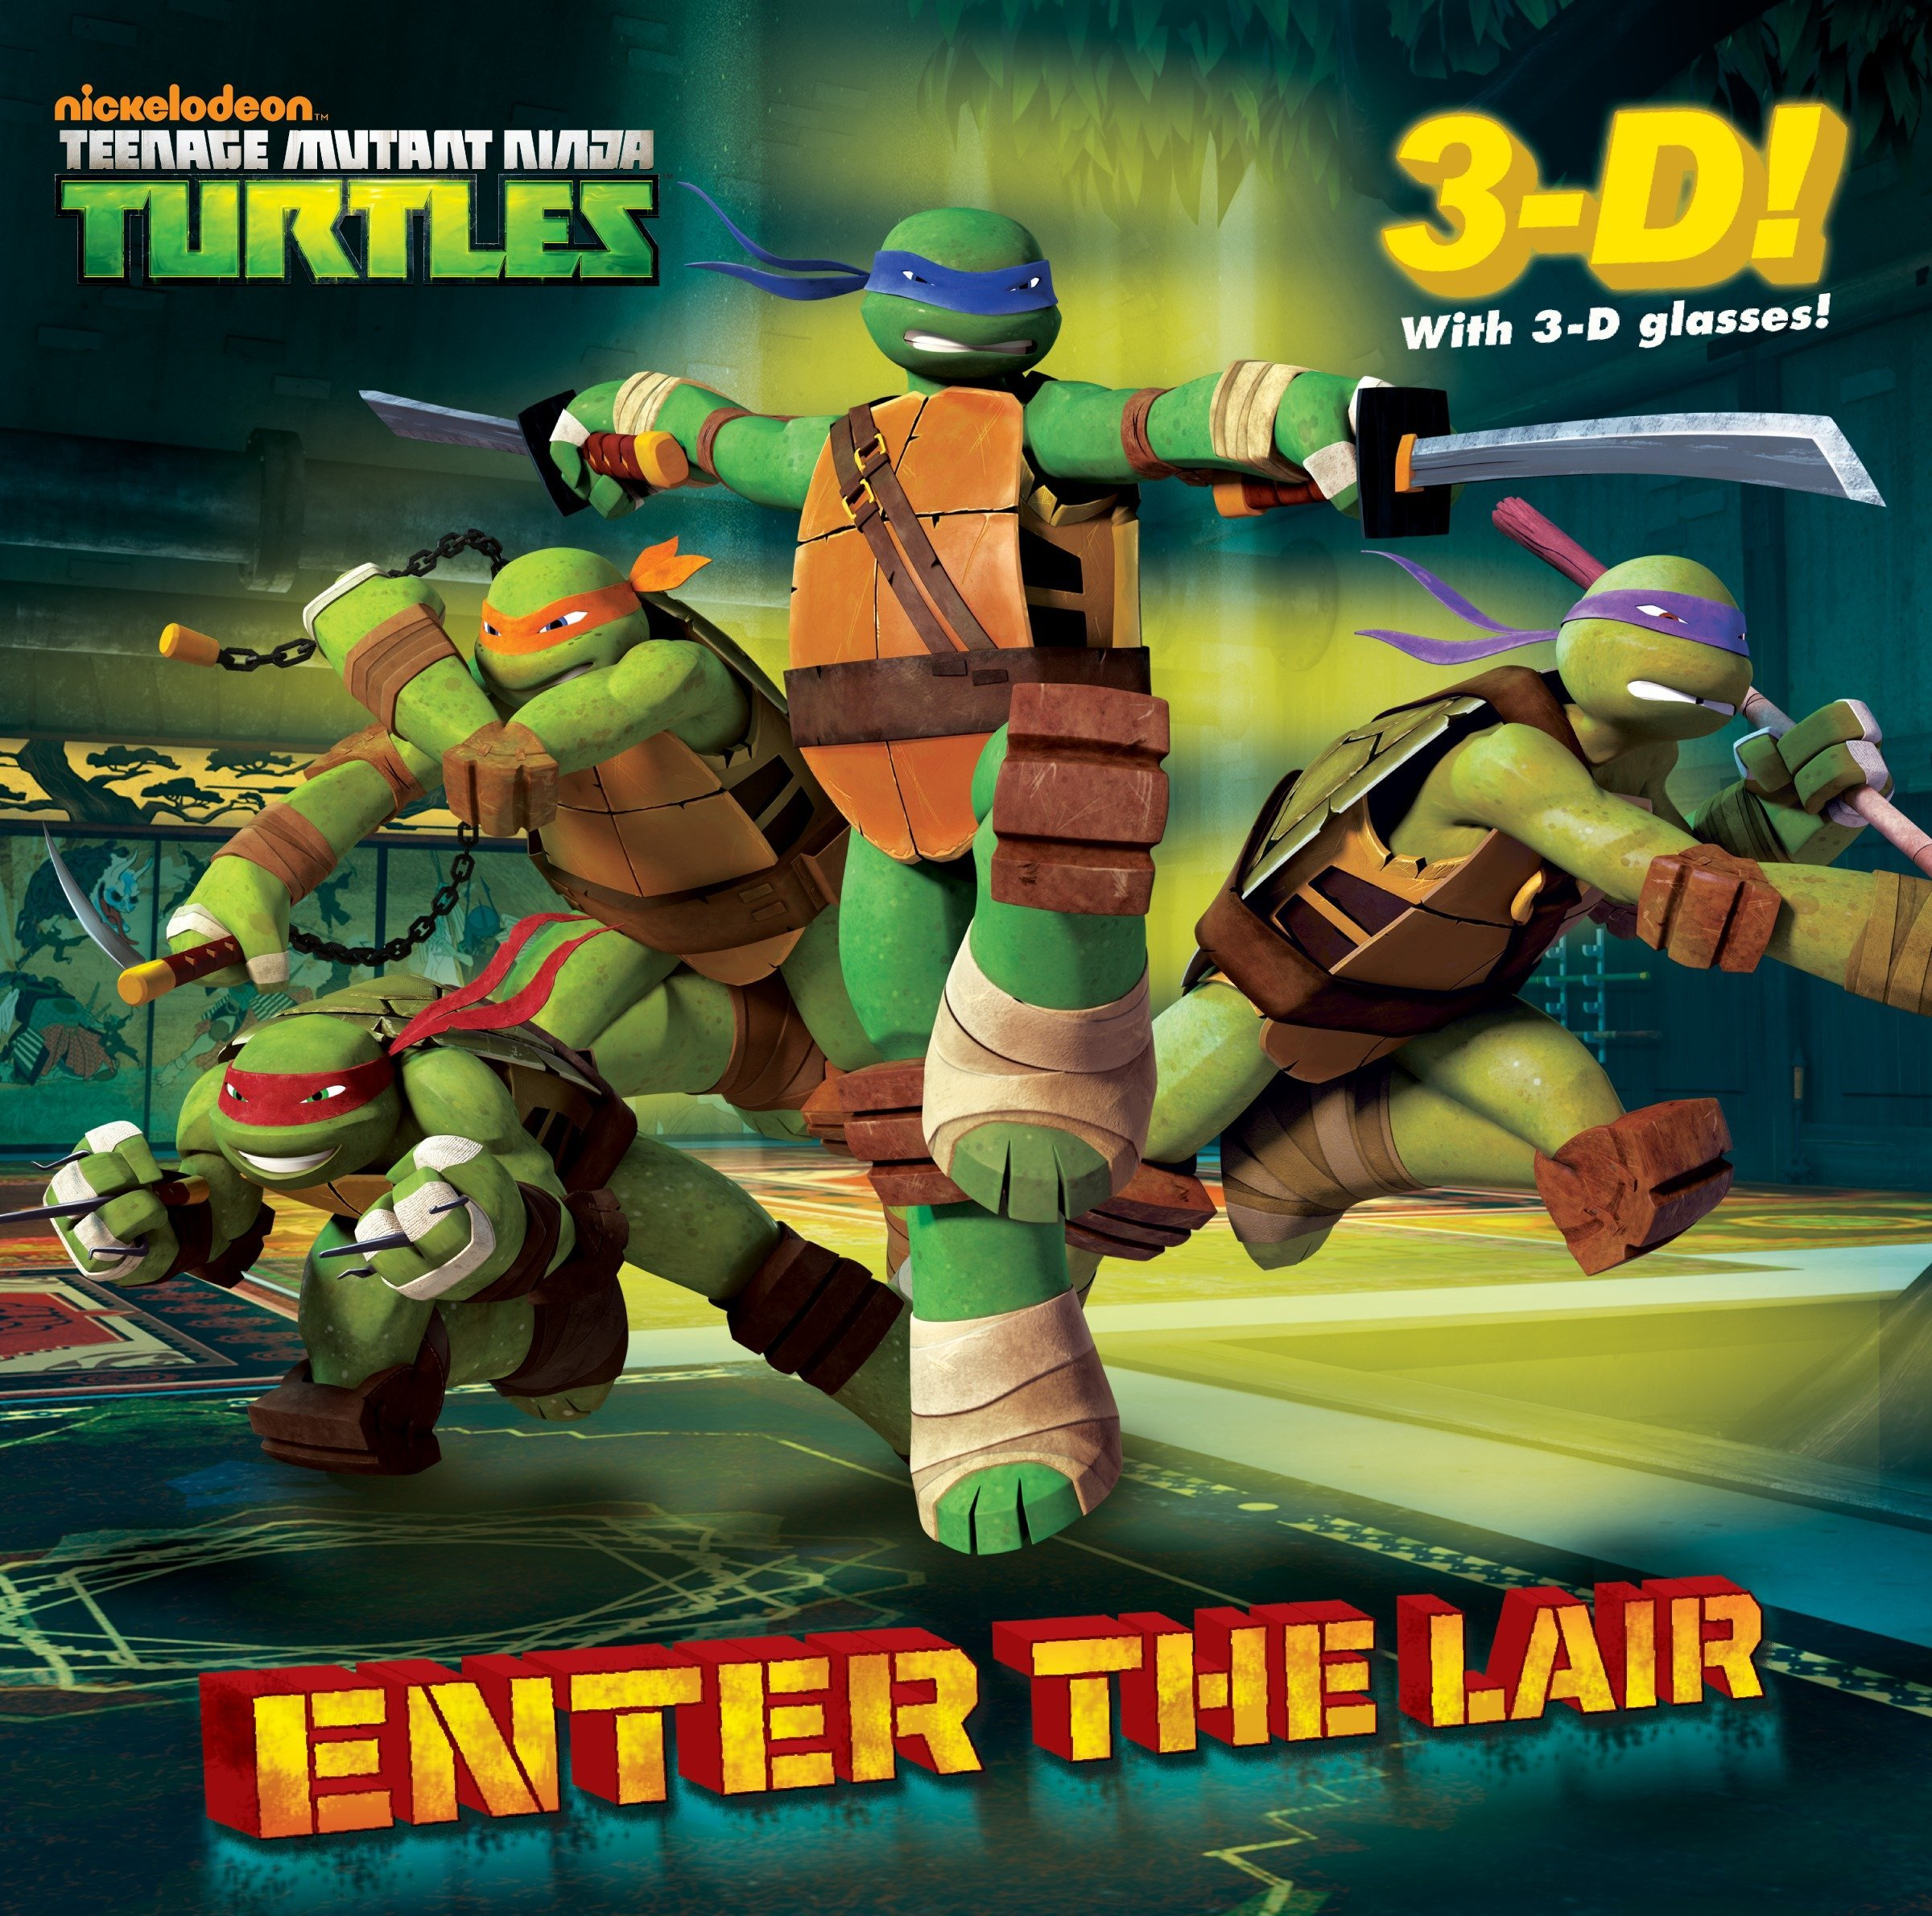 Amazon.com: Enter the Lair (Teenage Mutant Ninja Turtles ...